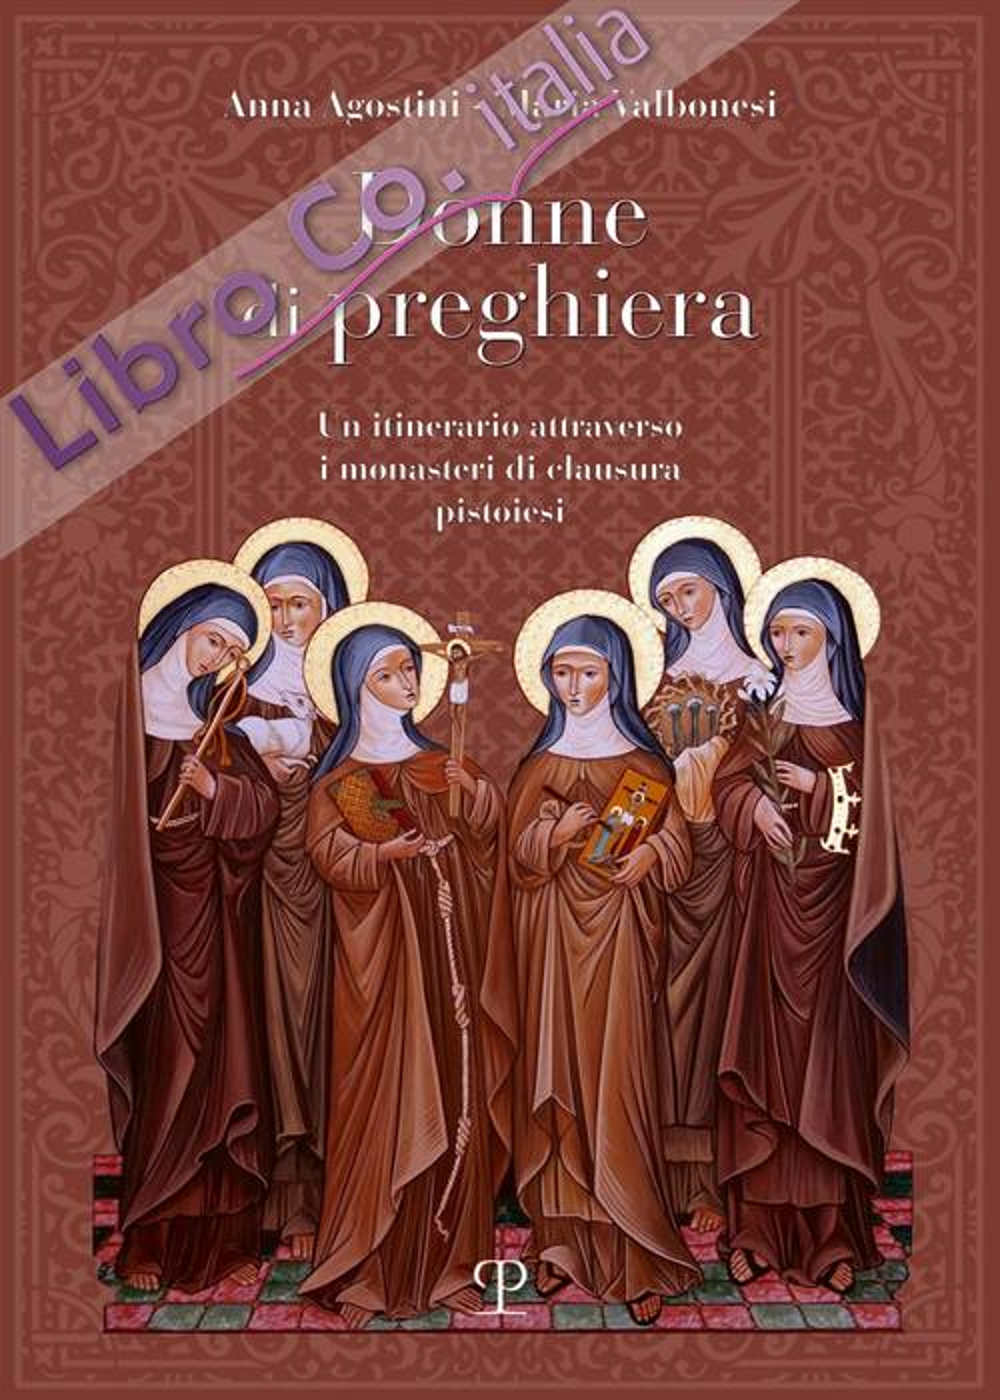 Donne di preghiera. Un itinerario attraverso i monasteri di clausura pistoiesi